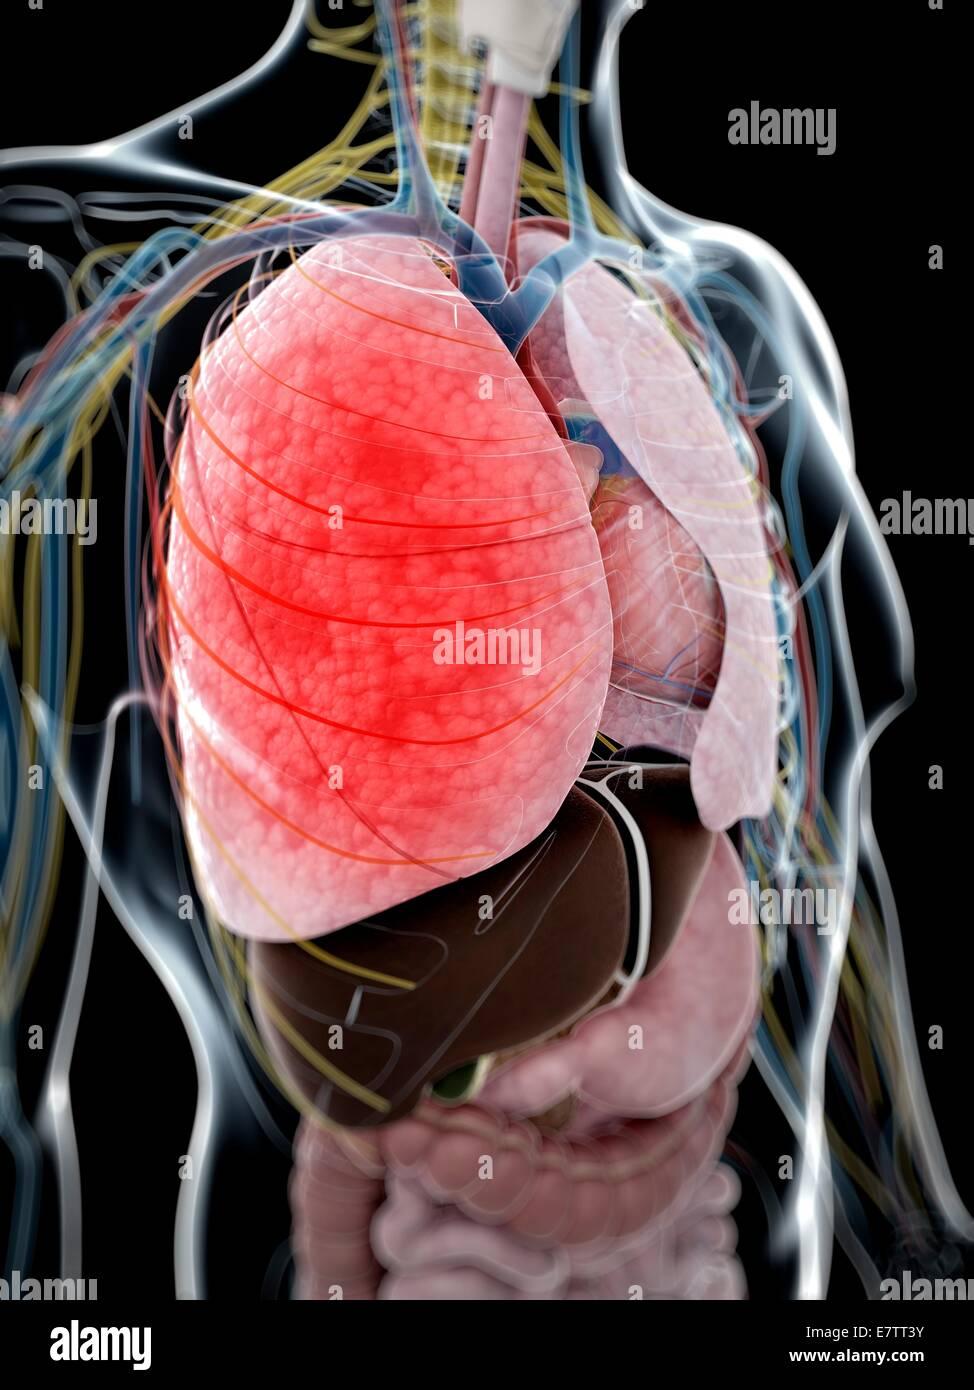 Menschliche Anatomie der Lunge, Computer-Grafik. Stockbild